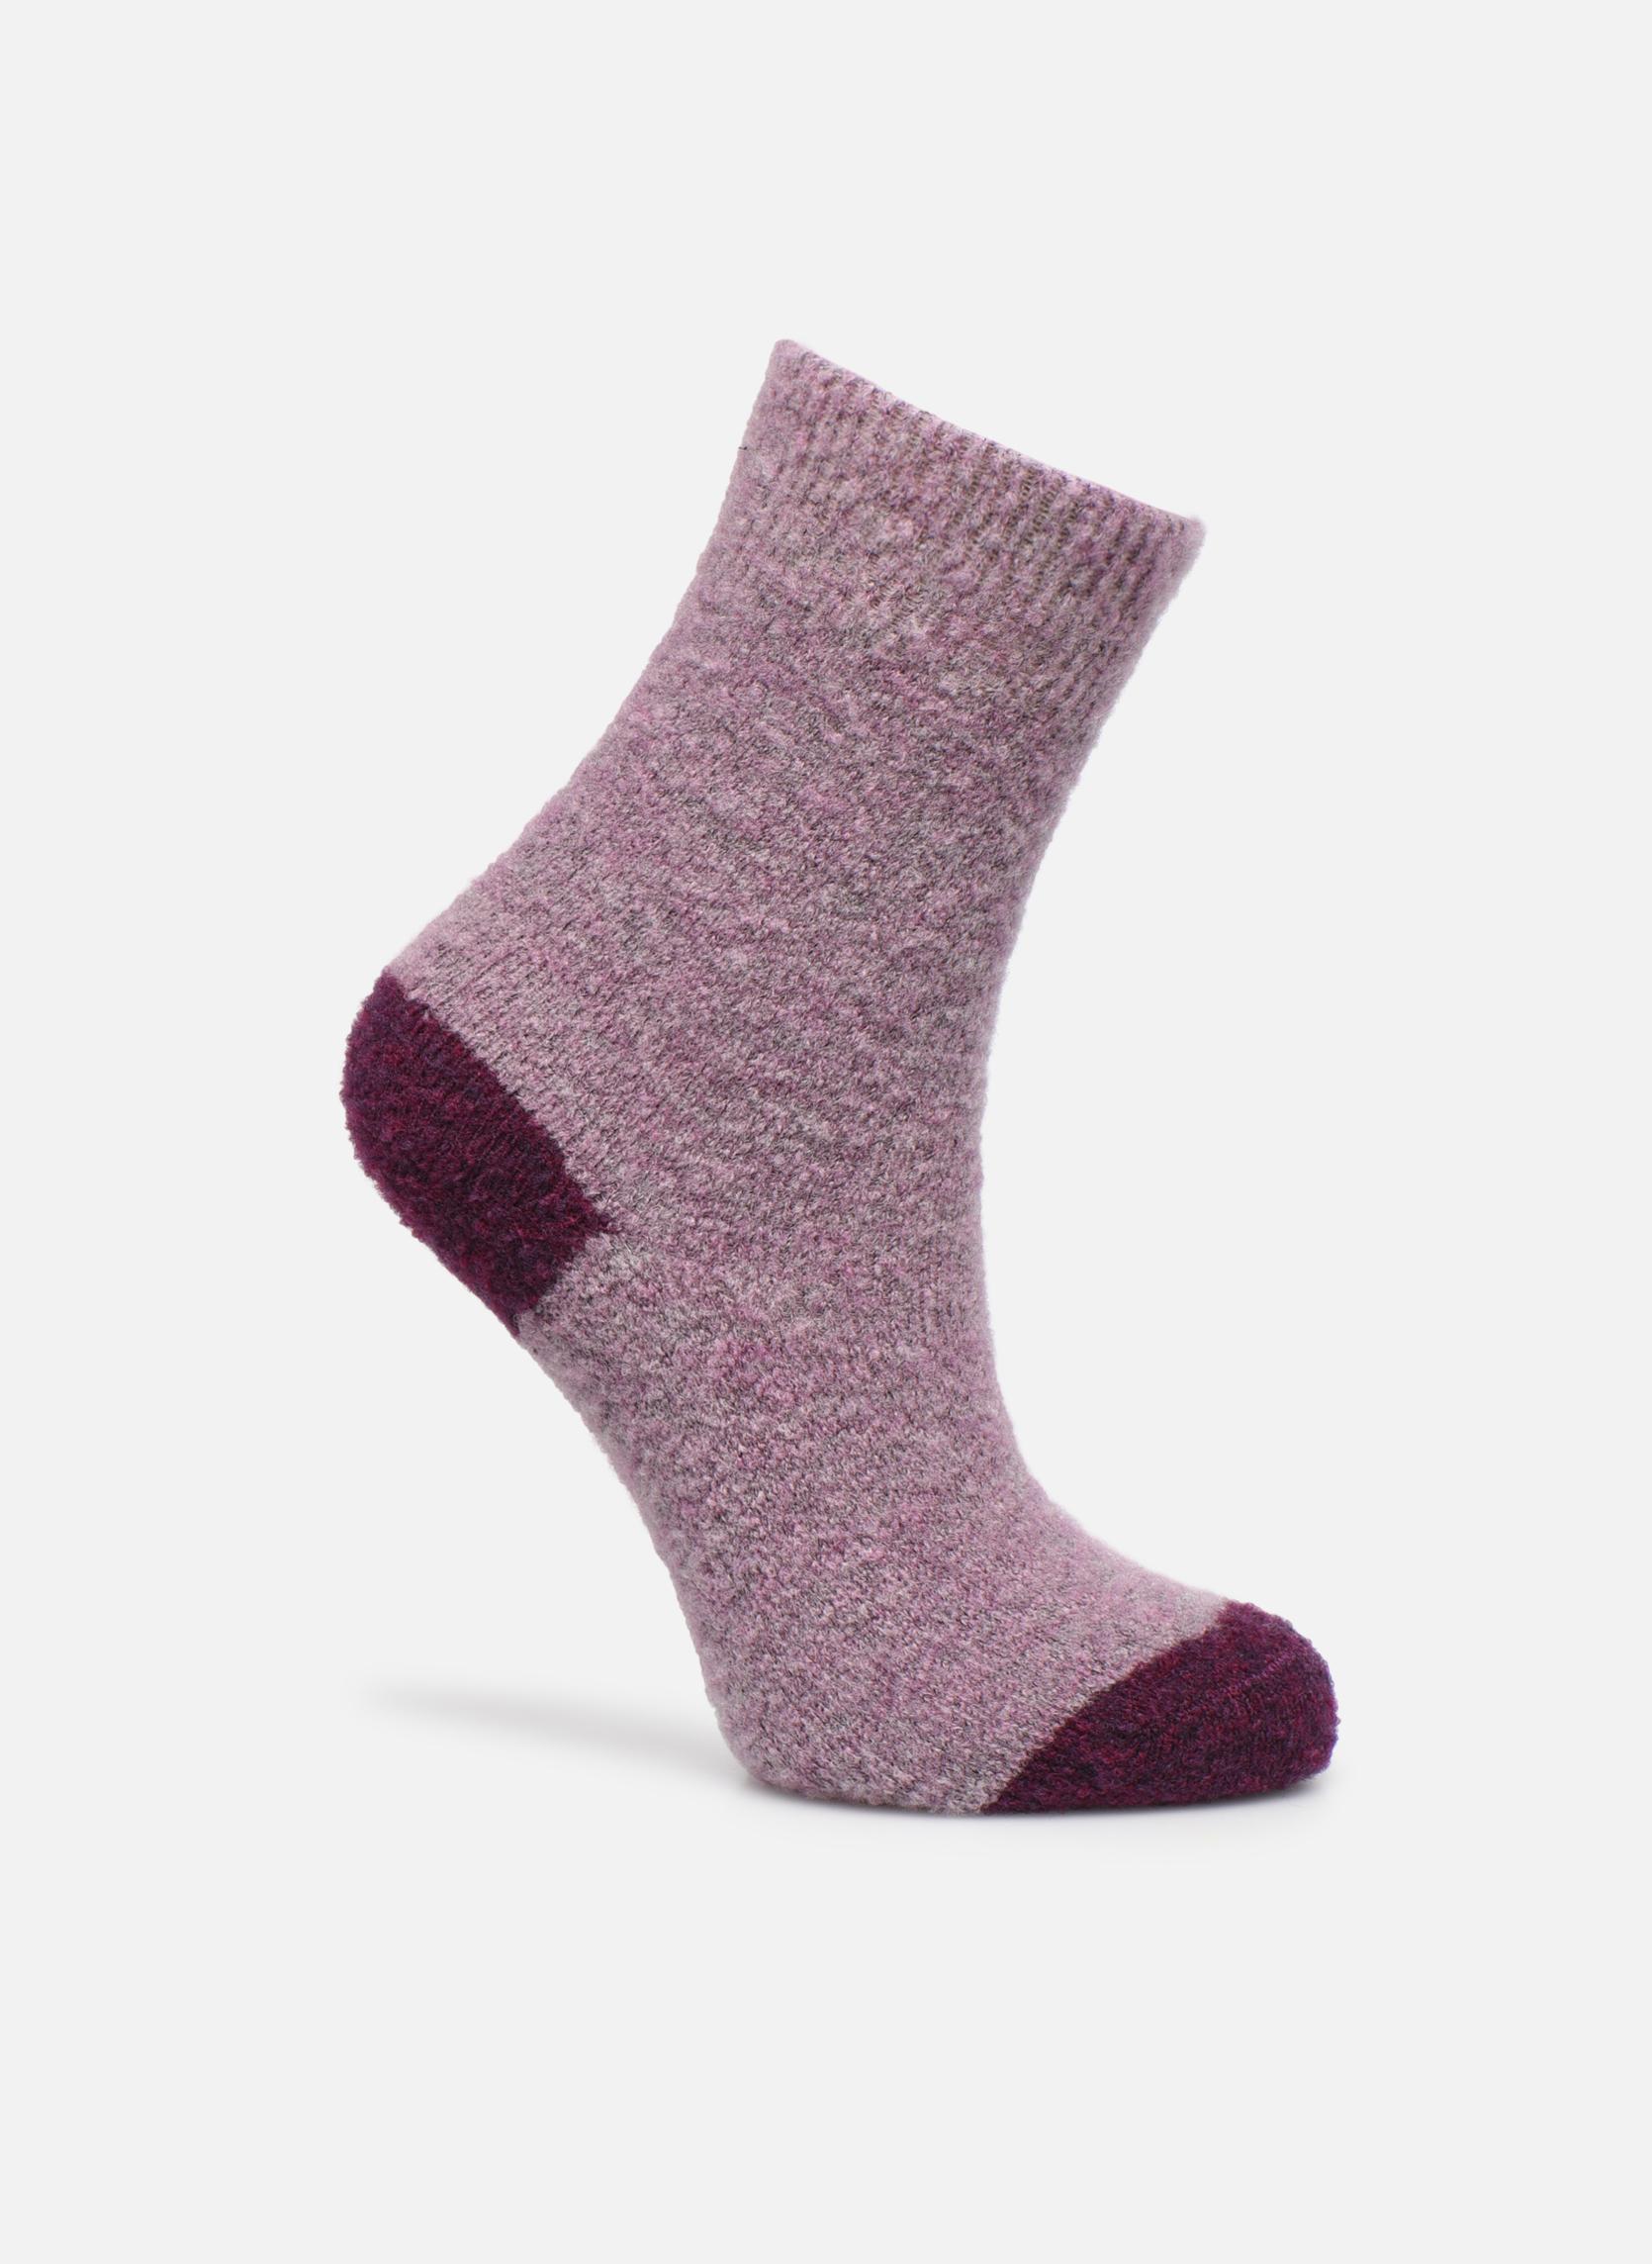 005 - violet